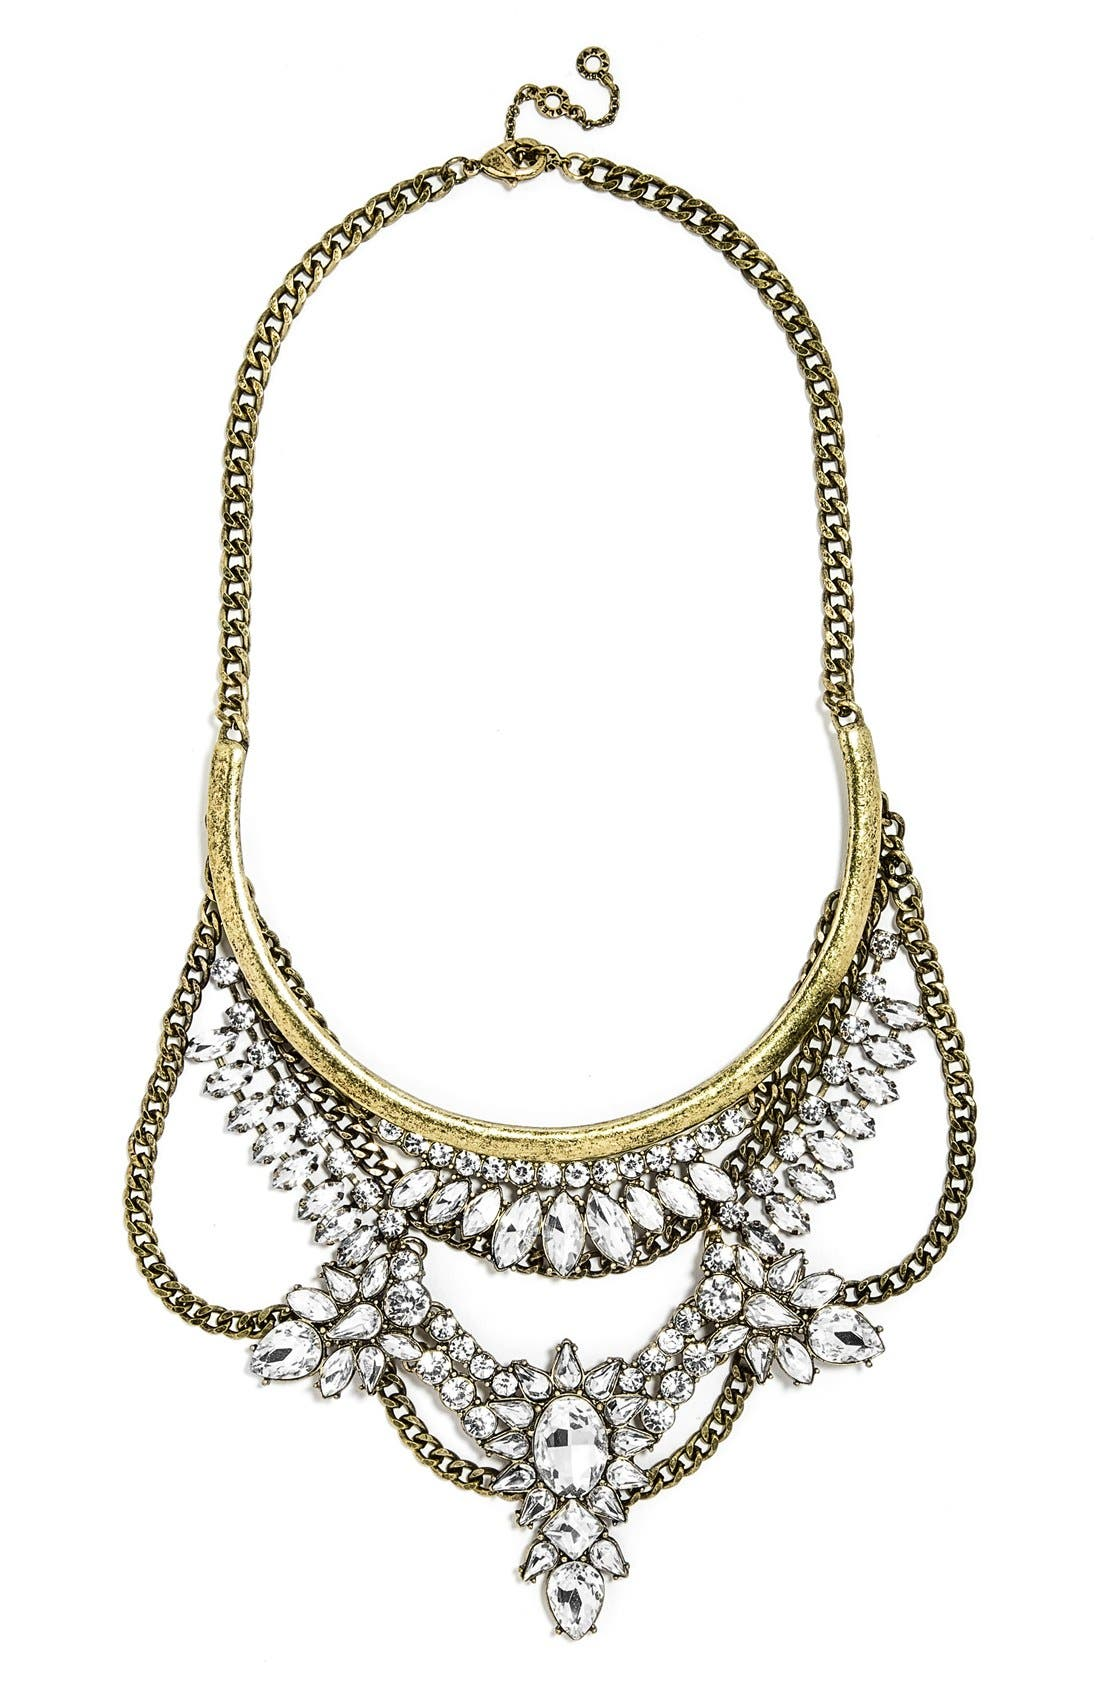 Main Image - BaubleBar 'Crystal Grendel' Bib Necklace